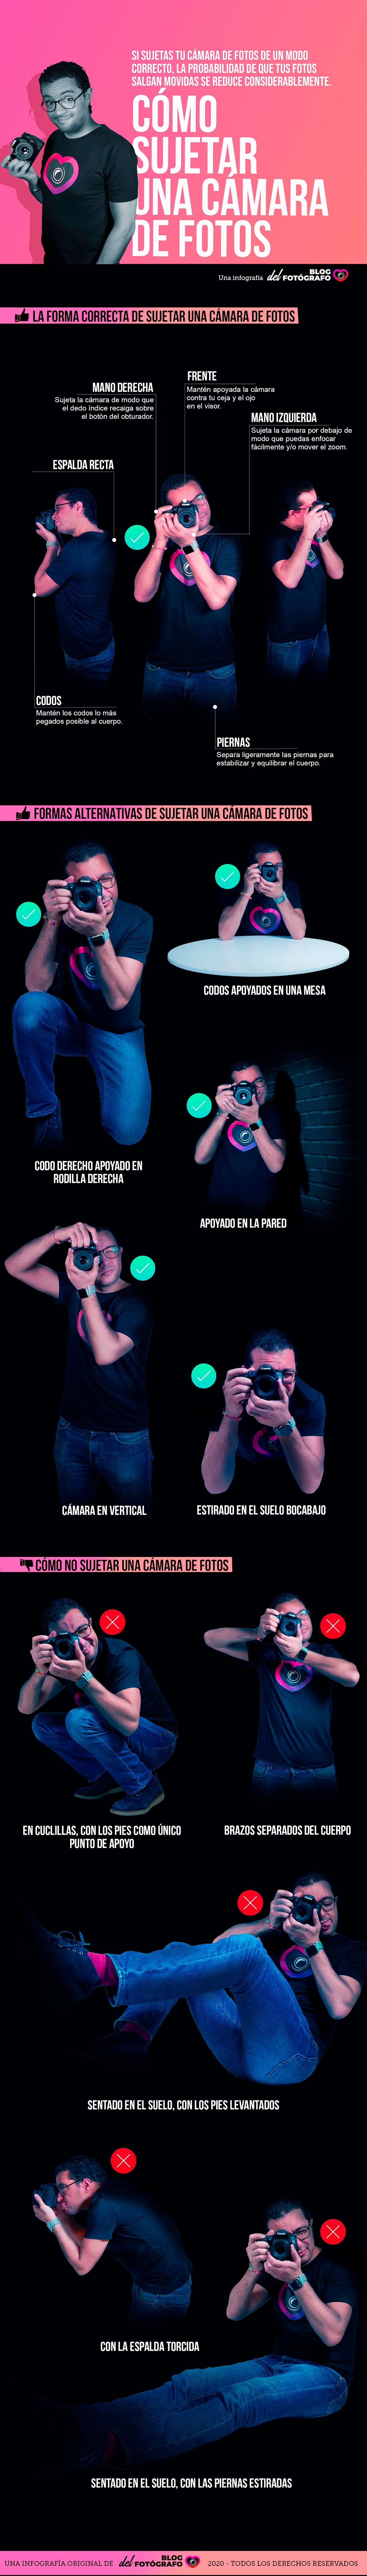 Infografía explicativa de cómo sujetar correctamente una cámara de fotos